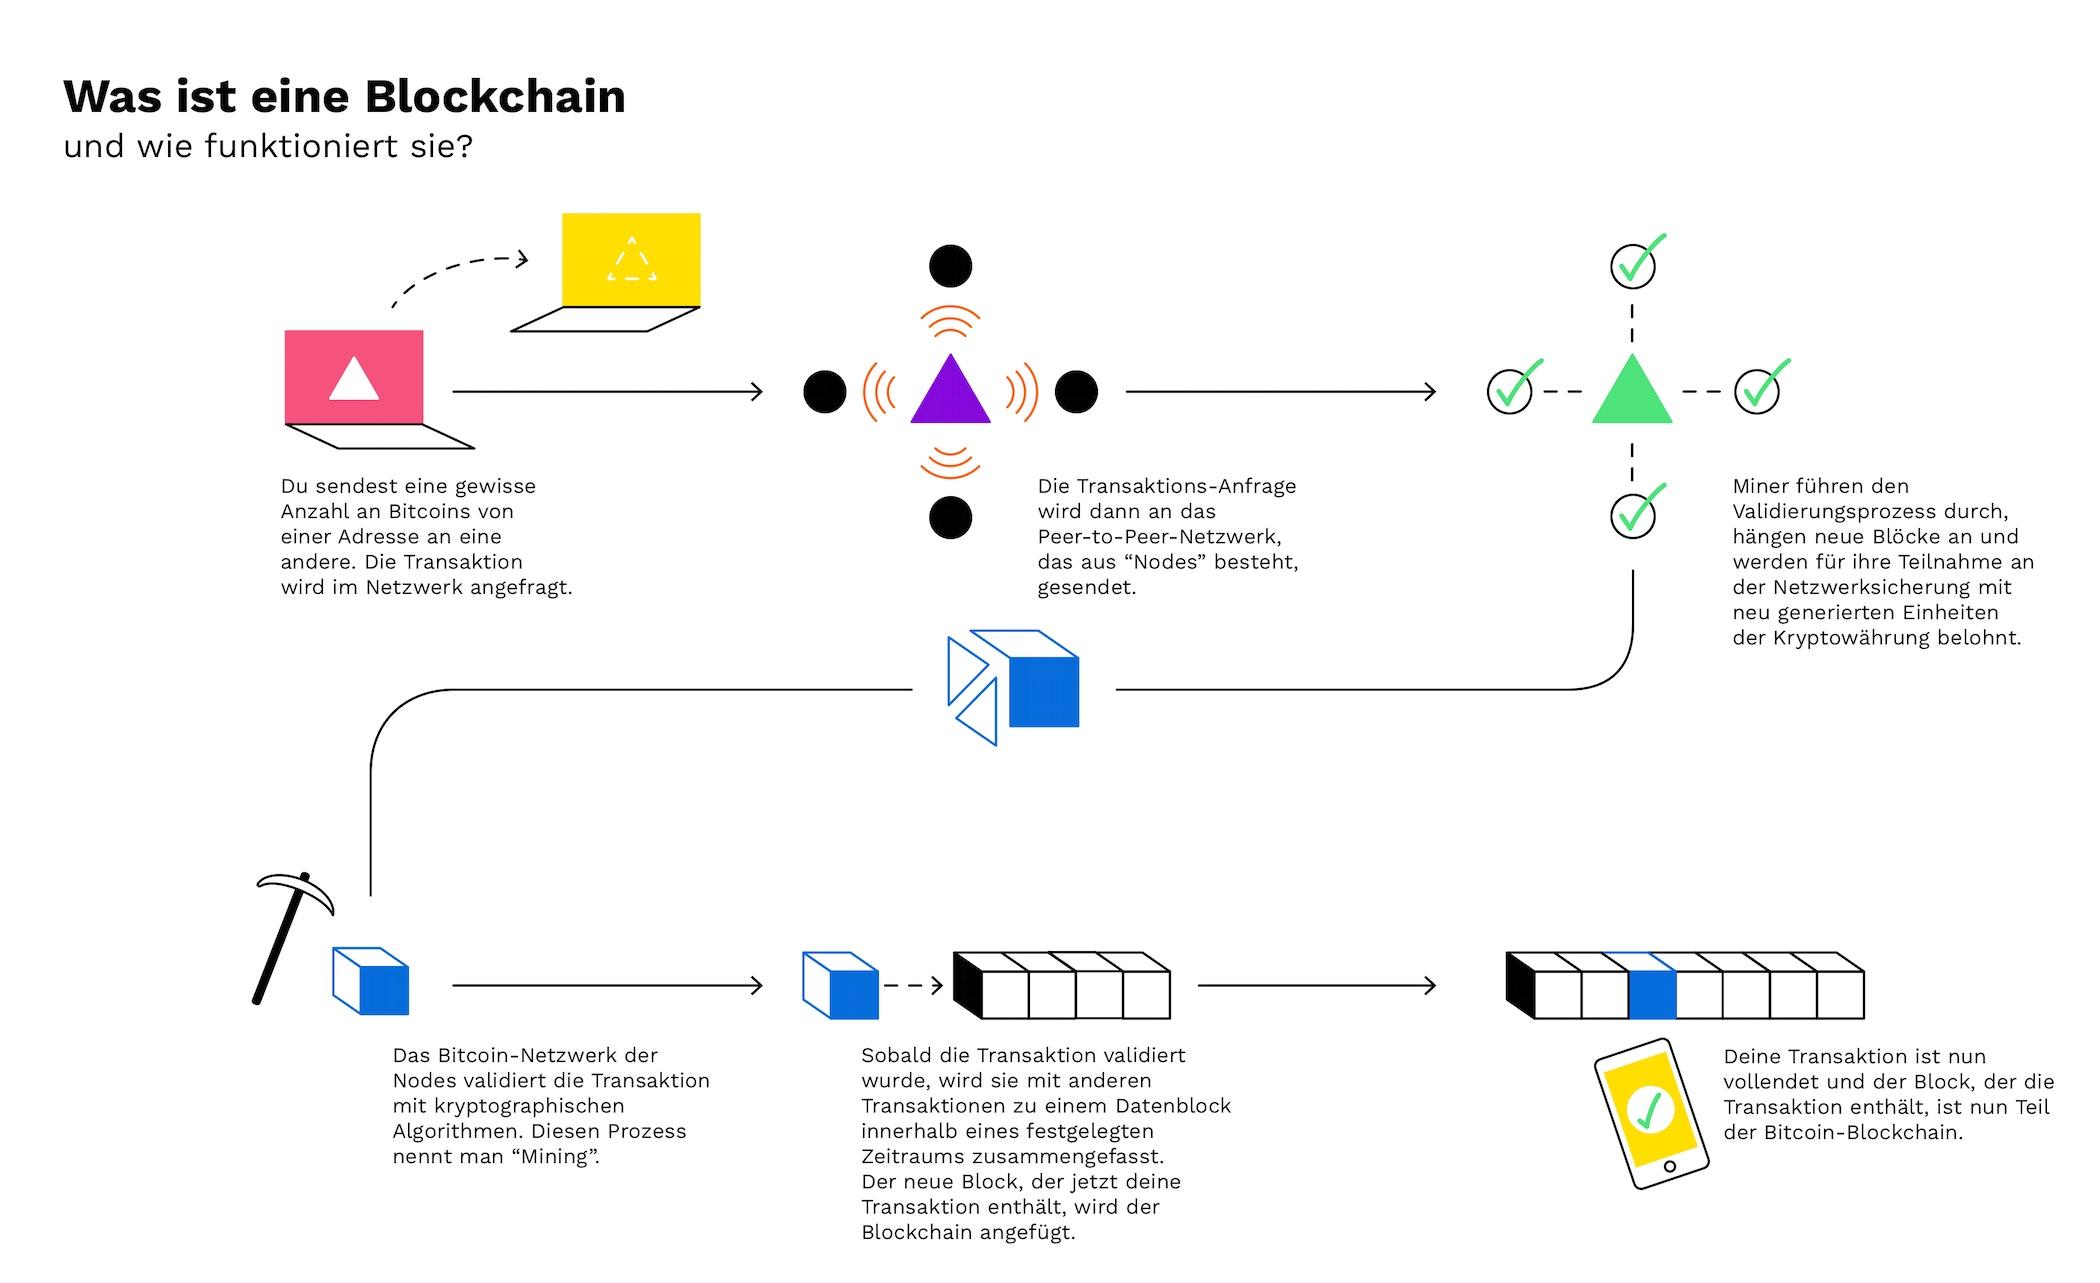 Ist eine investition in bitcoin sinnvoll?